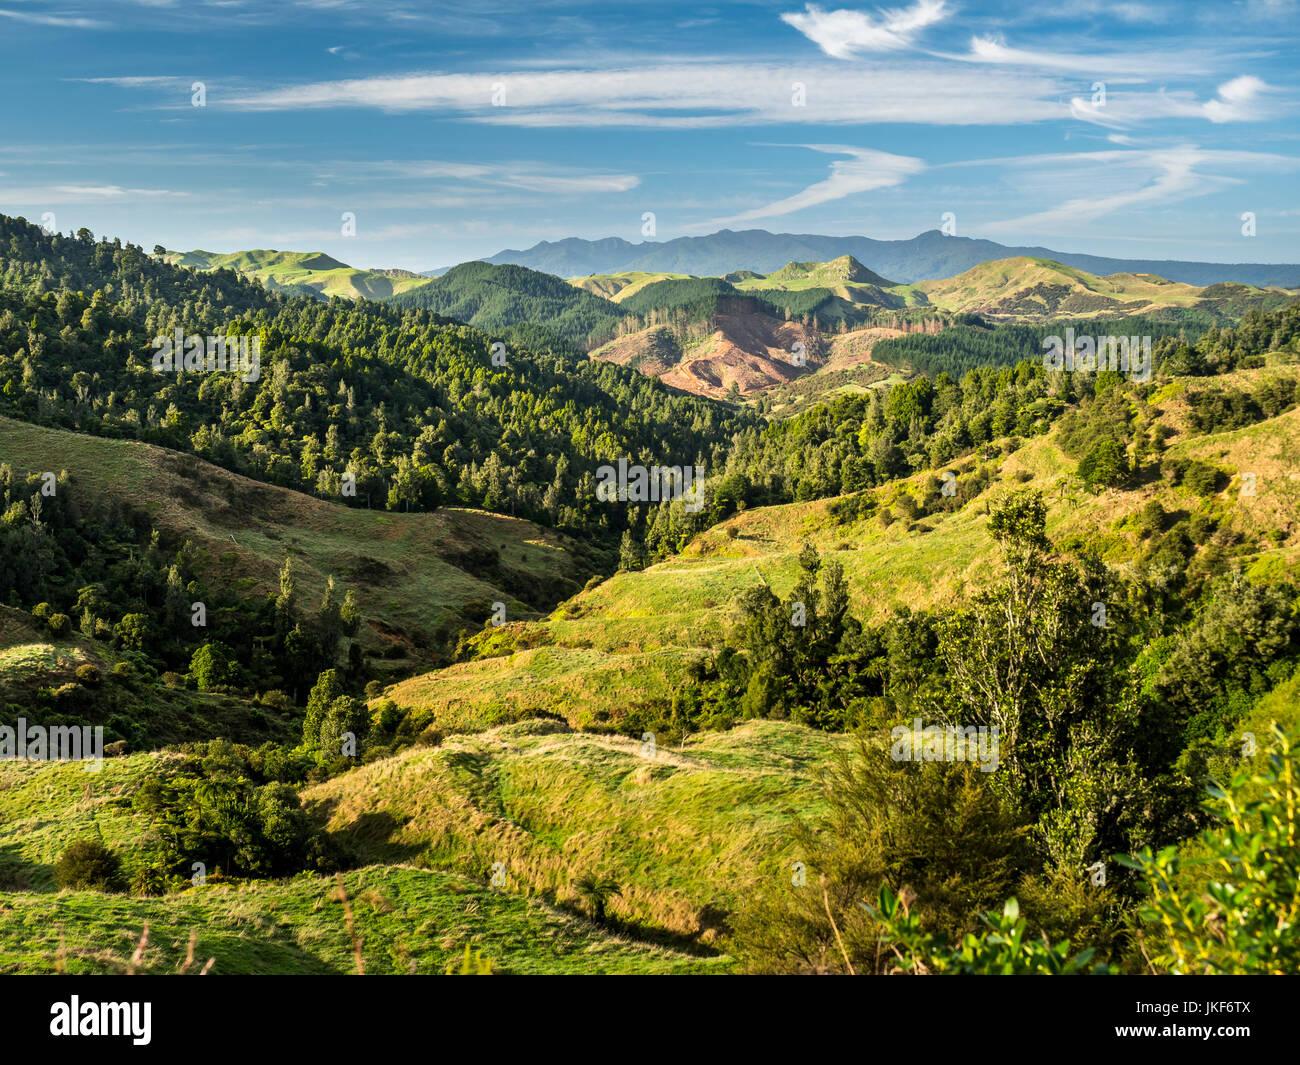 Nuova Zelanda, Isola del nord, regione Waikato, SCENIC Immagini Stock